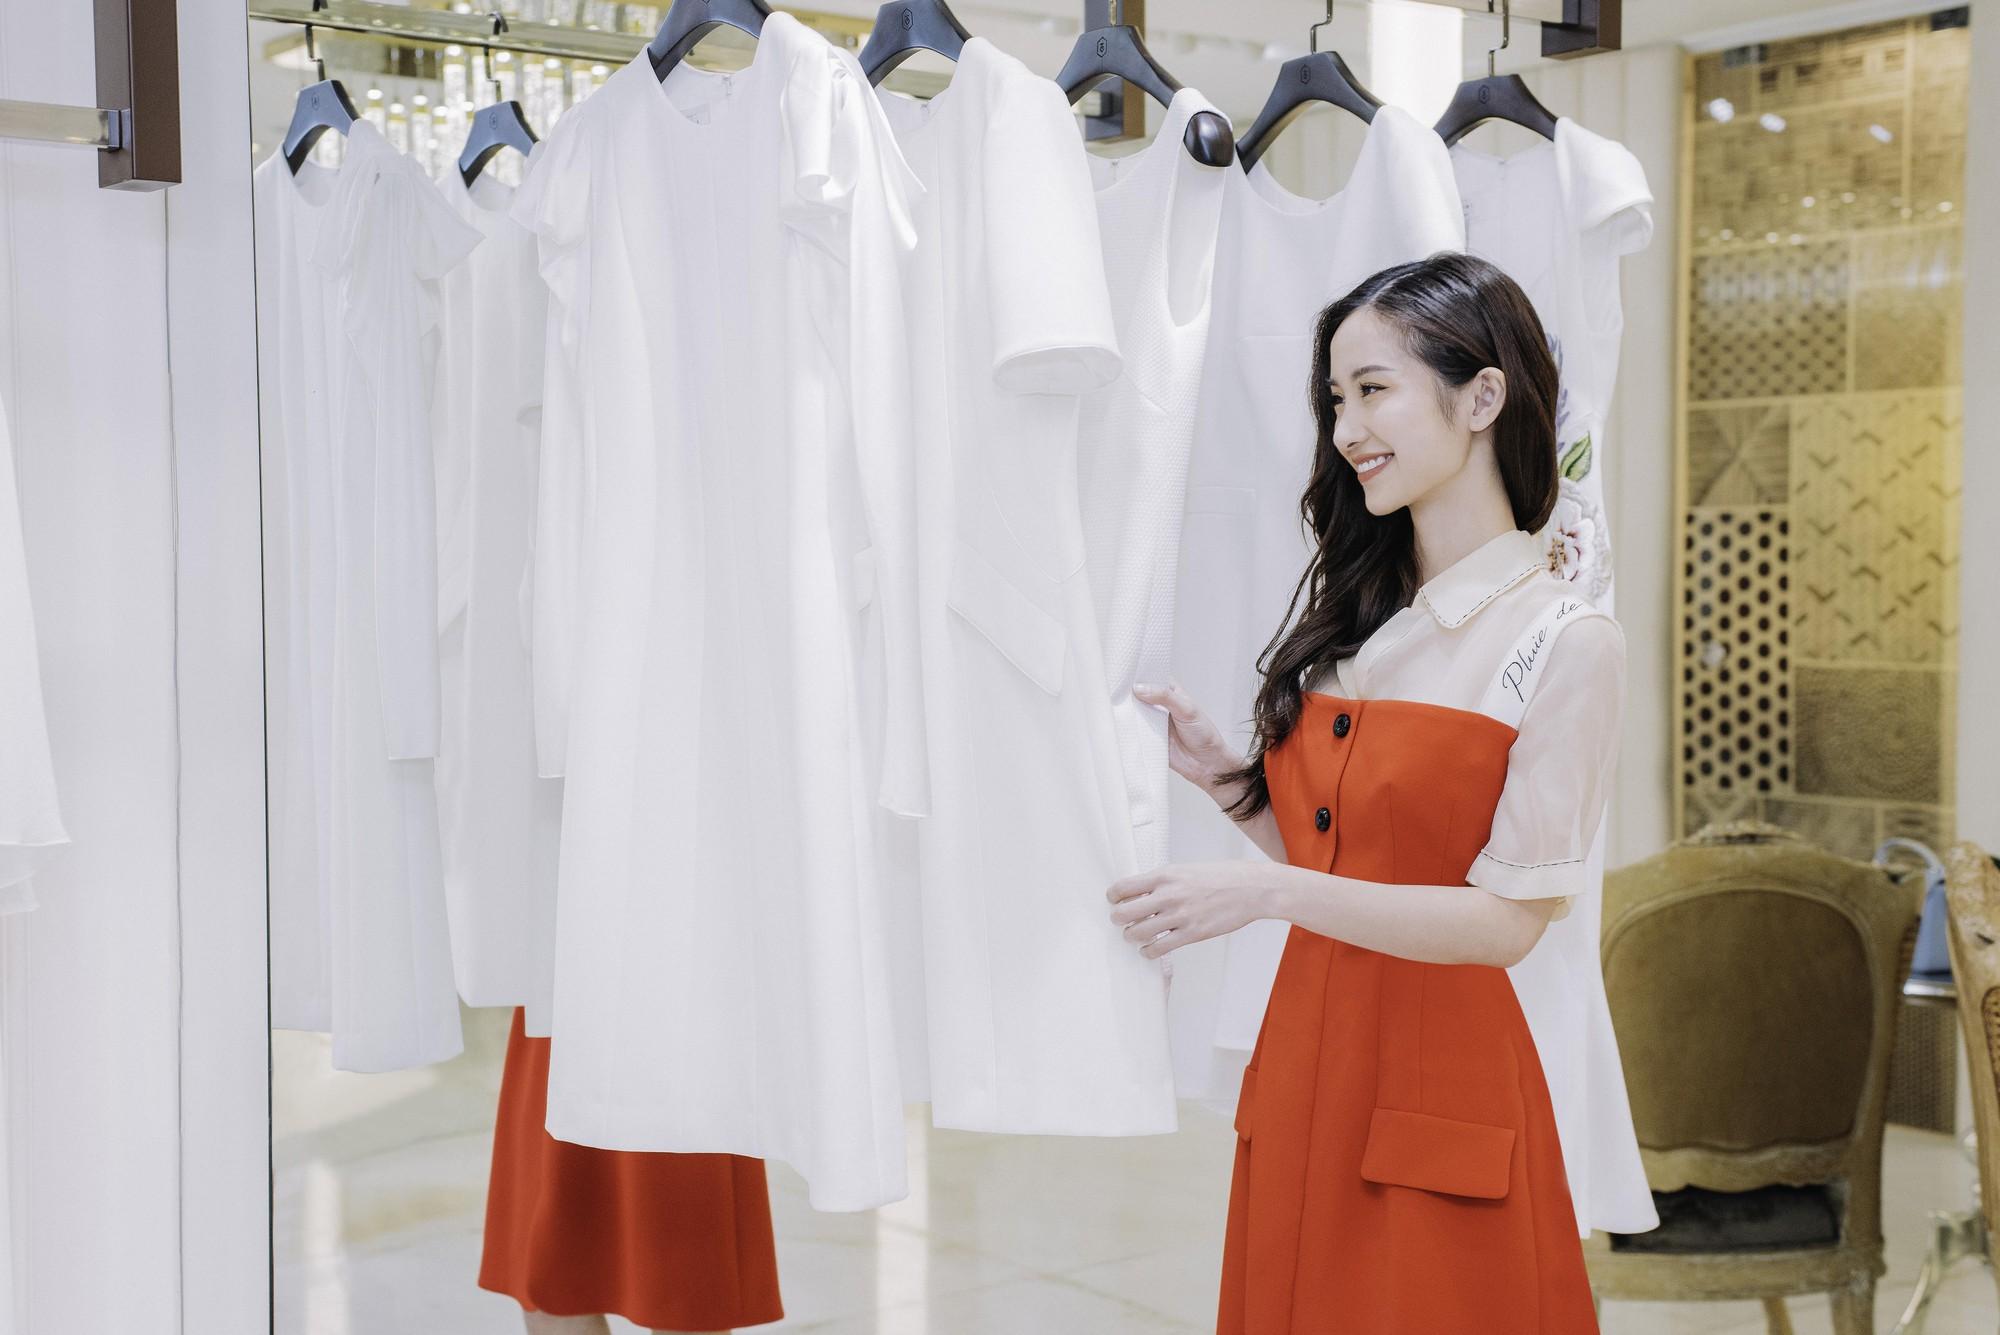 Đỗ Mỹ Linh, Jun Vũ, Quỳnh Anh Shyn cùng loạt sao tất bật lên đồ, chuẩn bị đọ sắc tại show của NTK Công Trí - Ảnh 4.